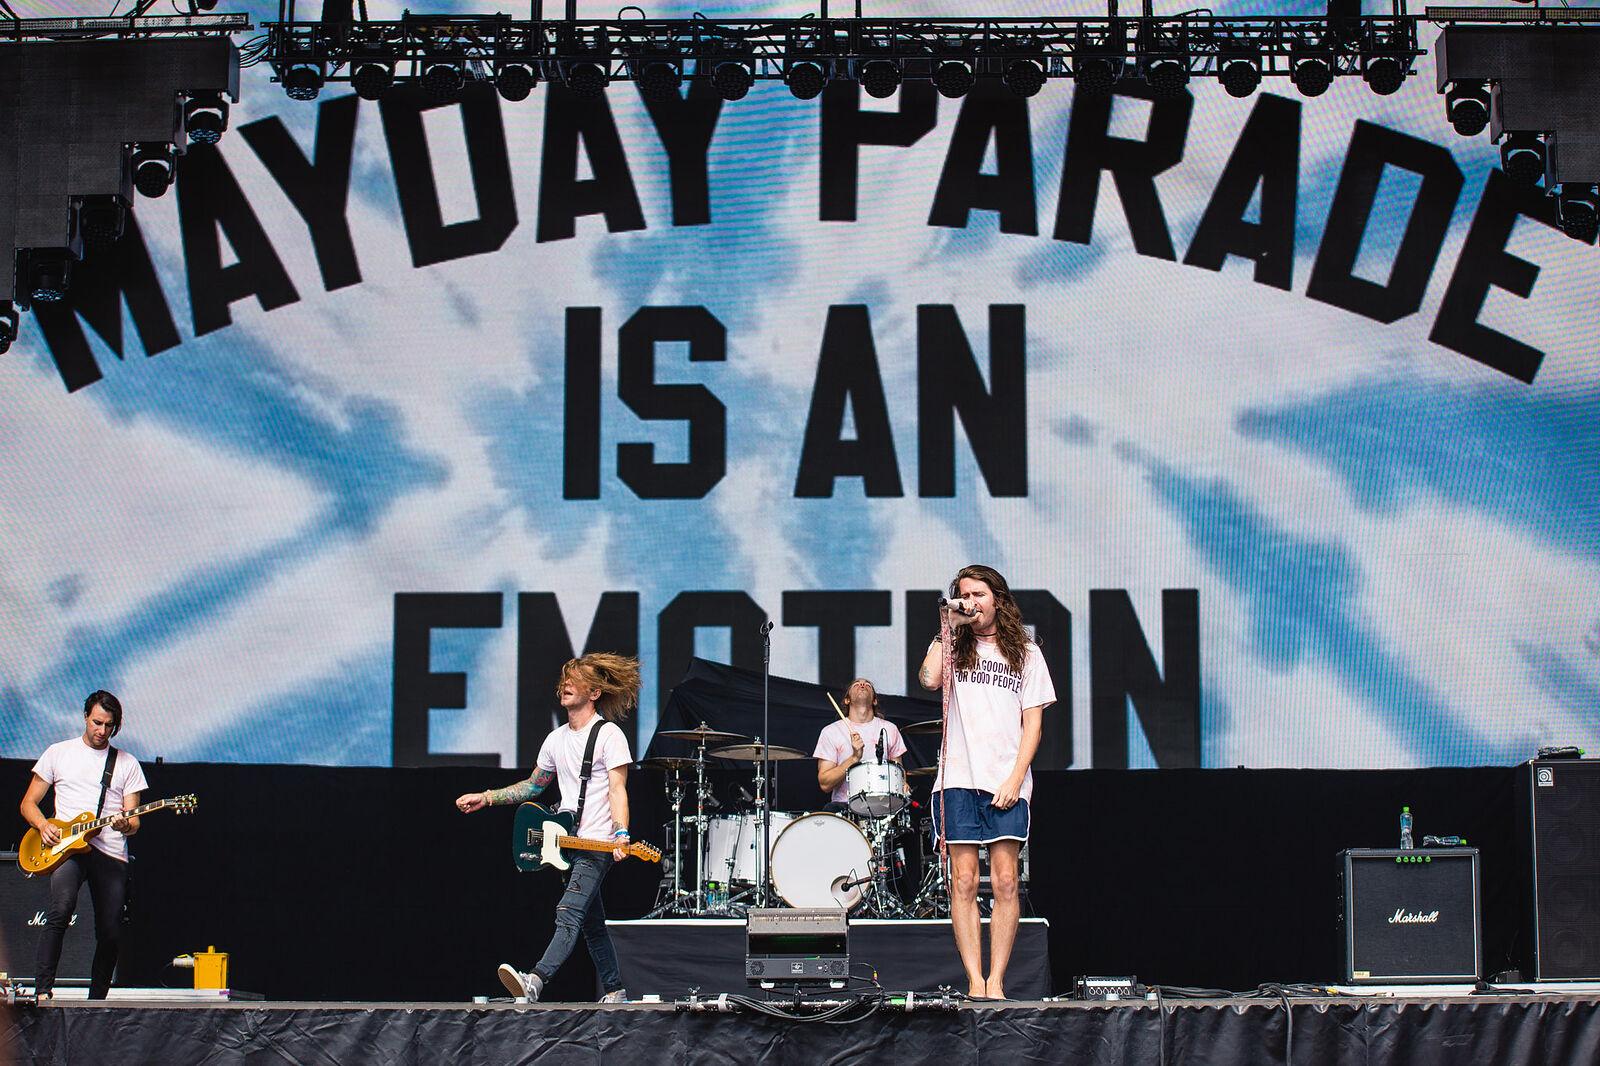 The Mayday Parade